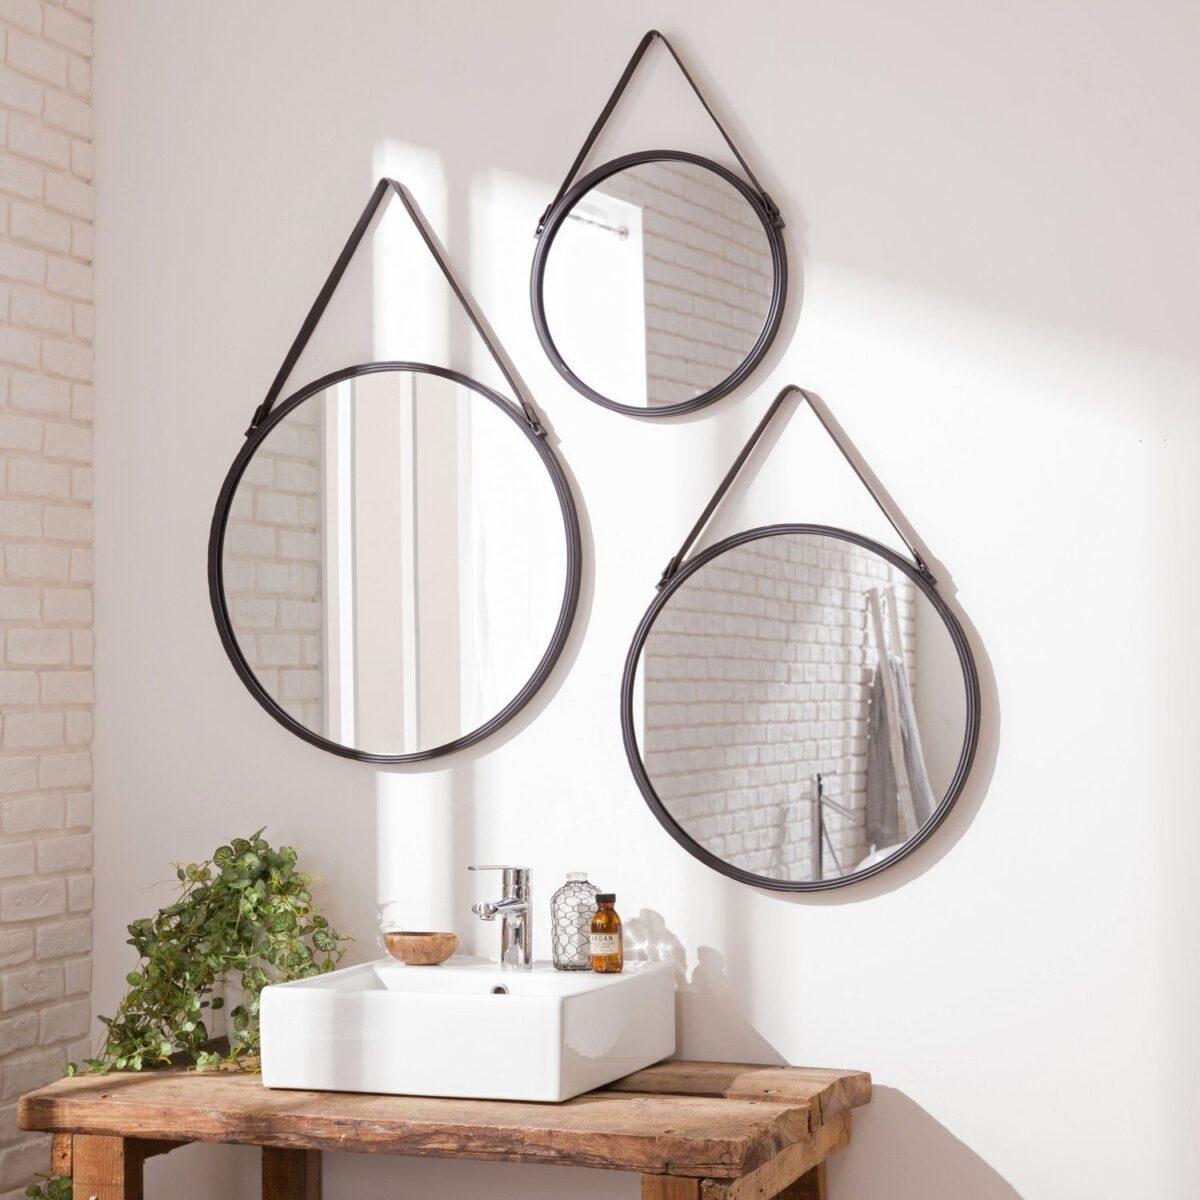 bagno-piccolo-moderno-specchi-rotondi